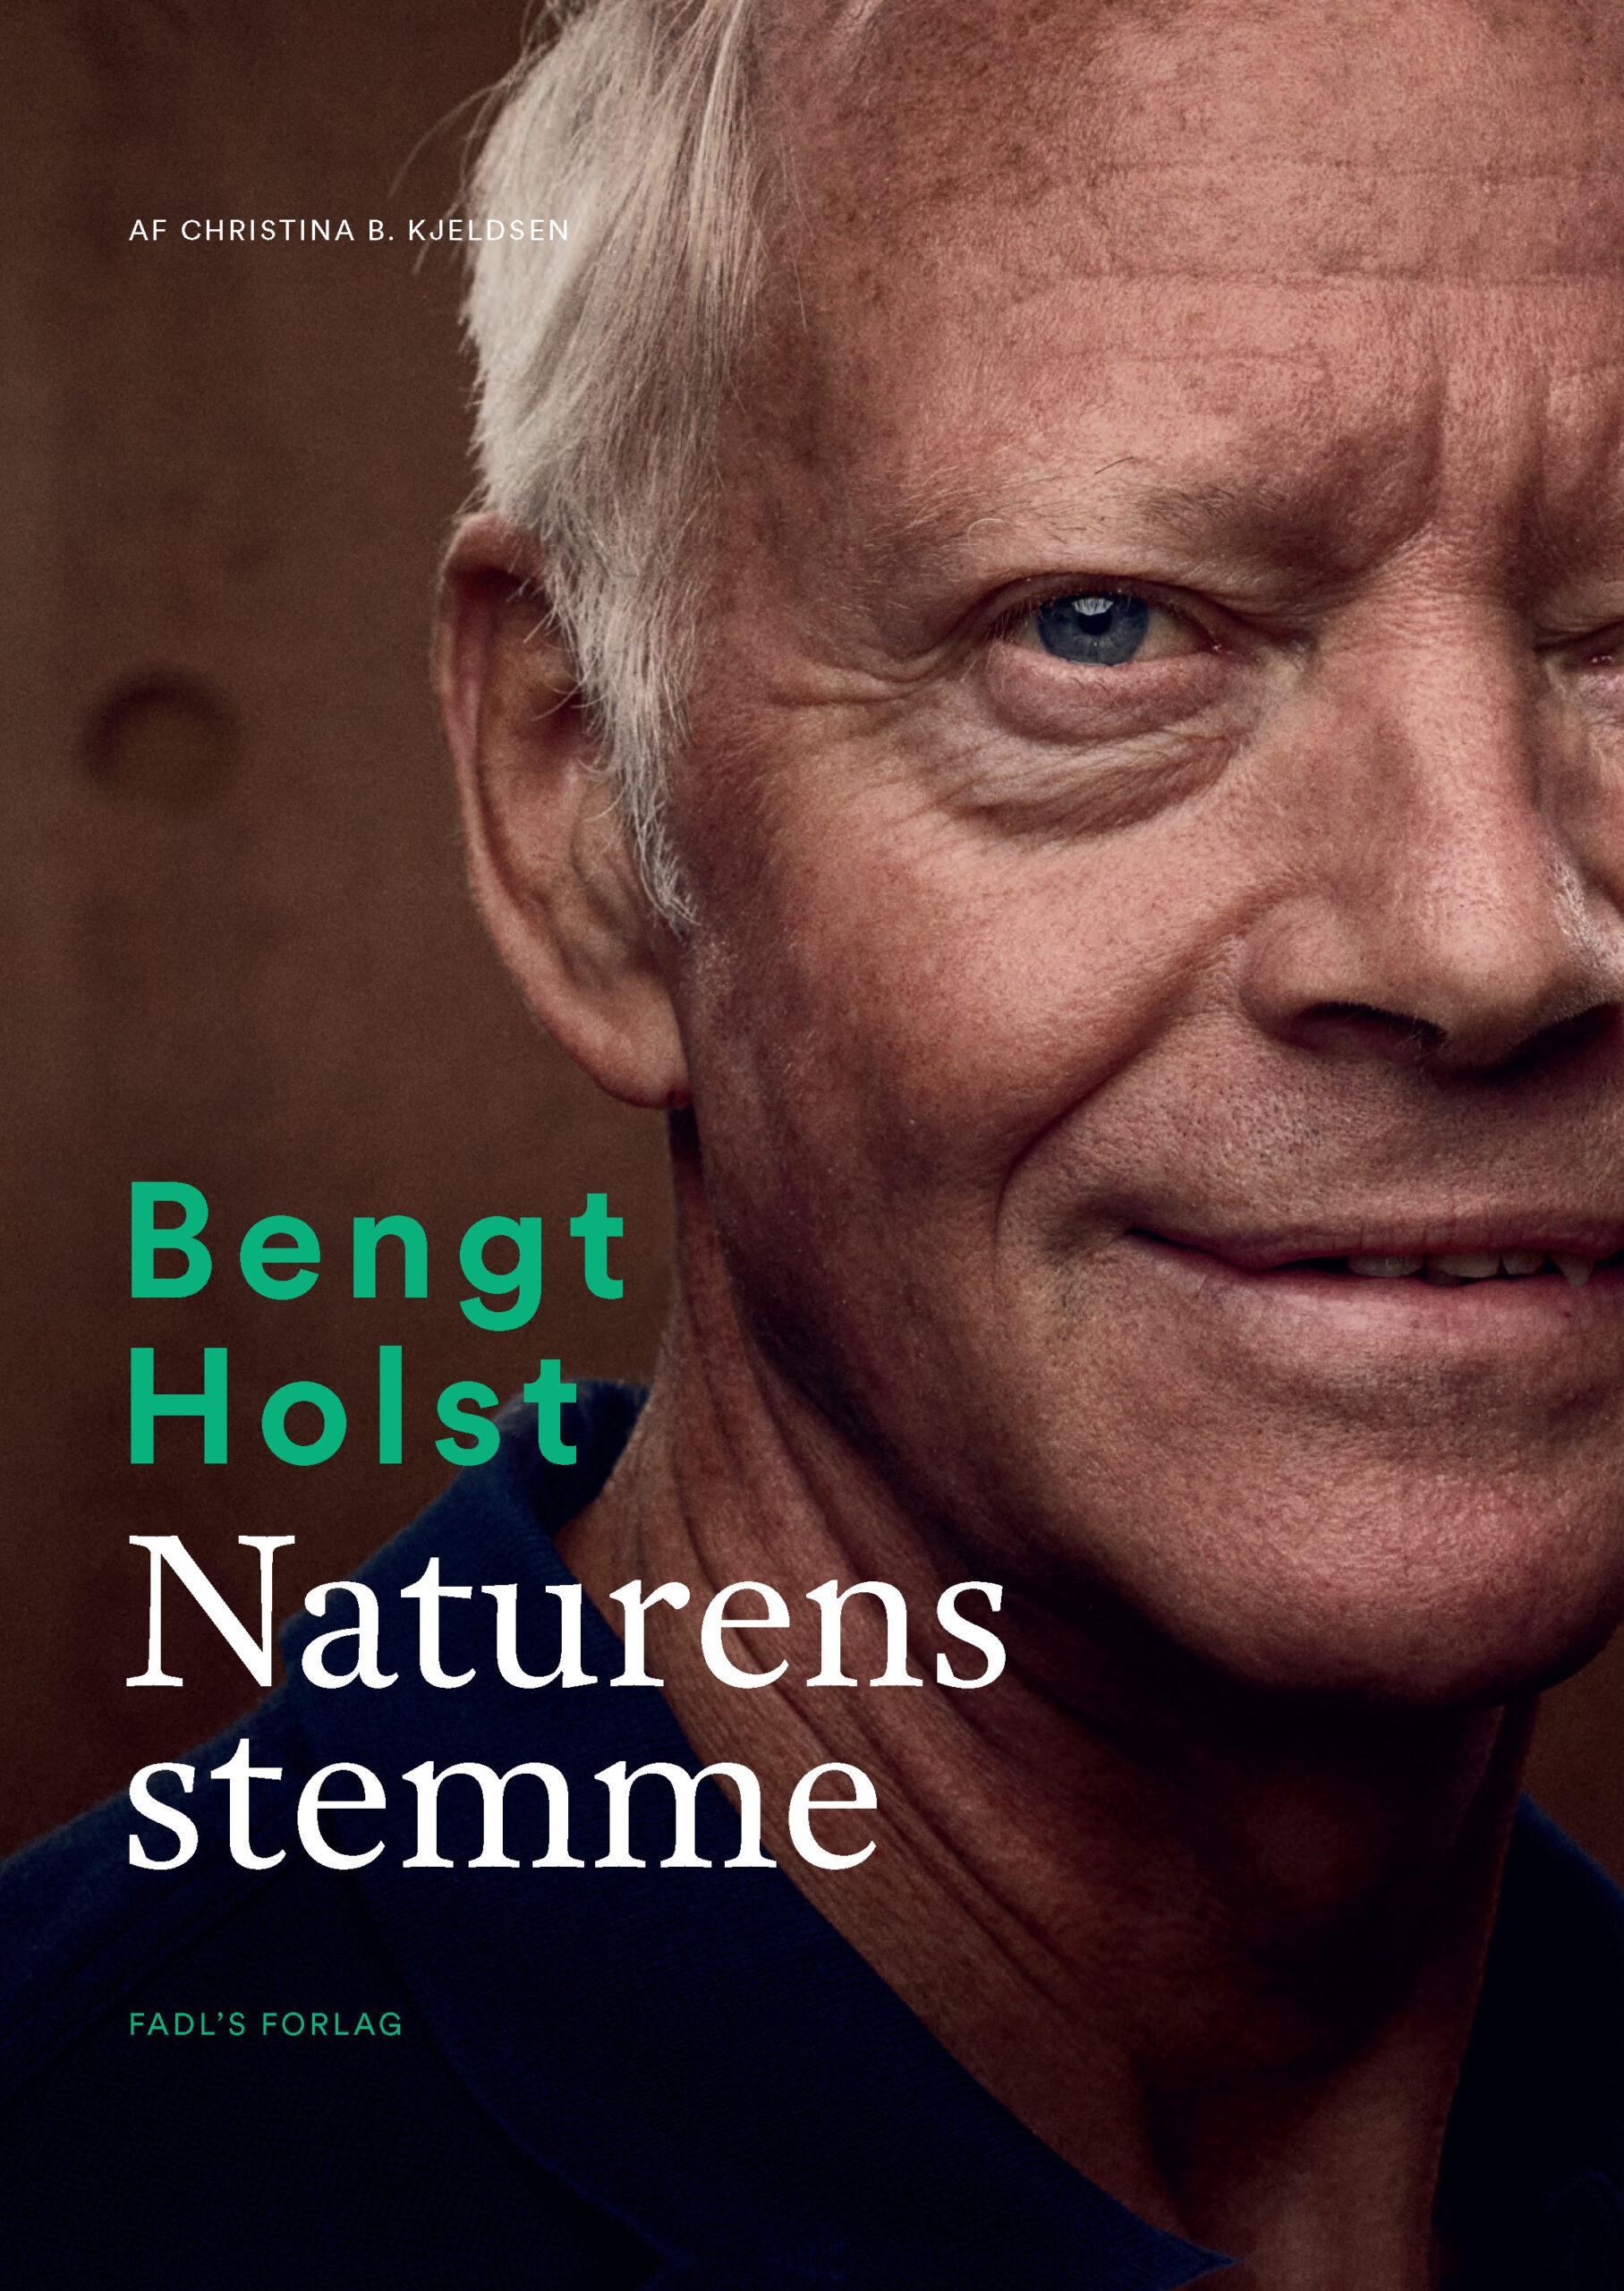 Bengt holst_naturens stemme